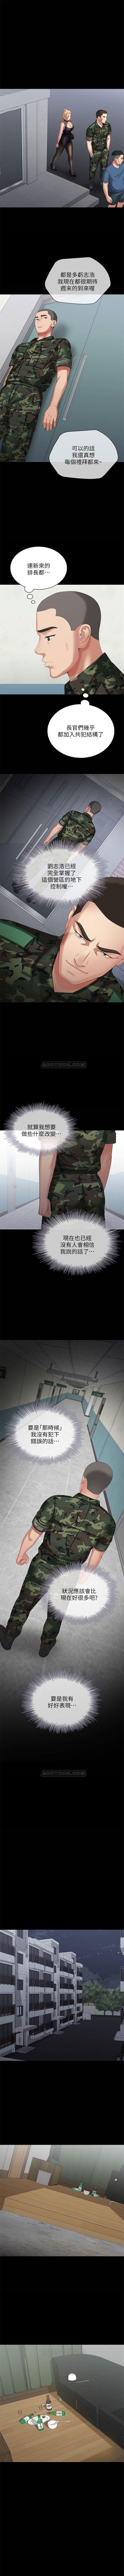 (周6)妹妹的义务 1-13 中文翻译(更新中) 91